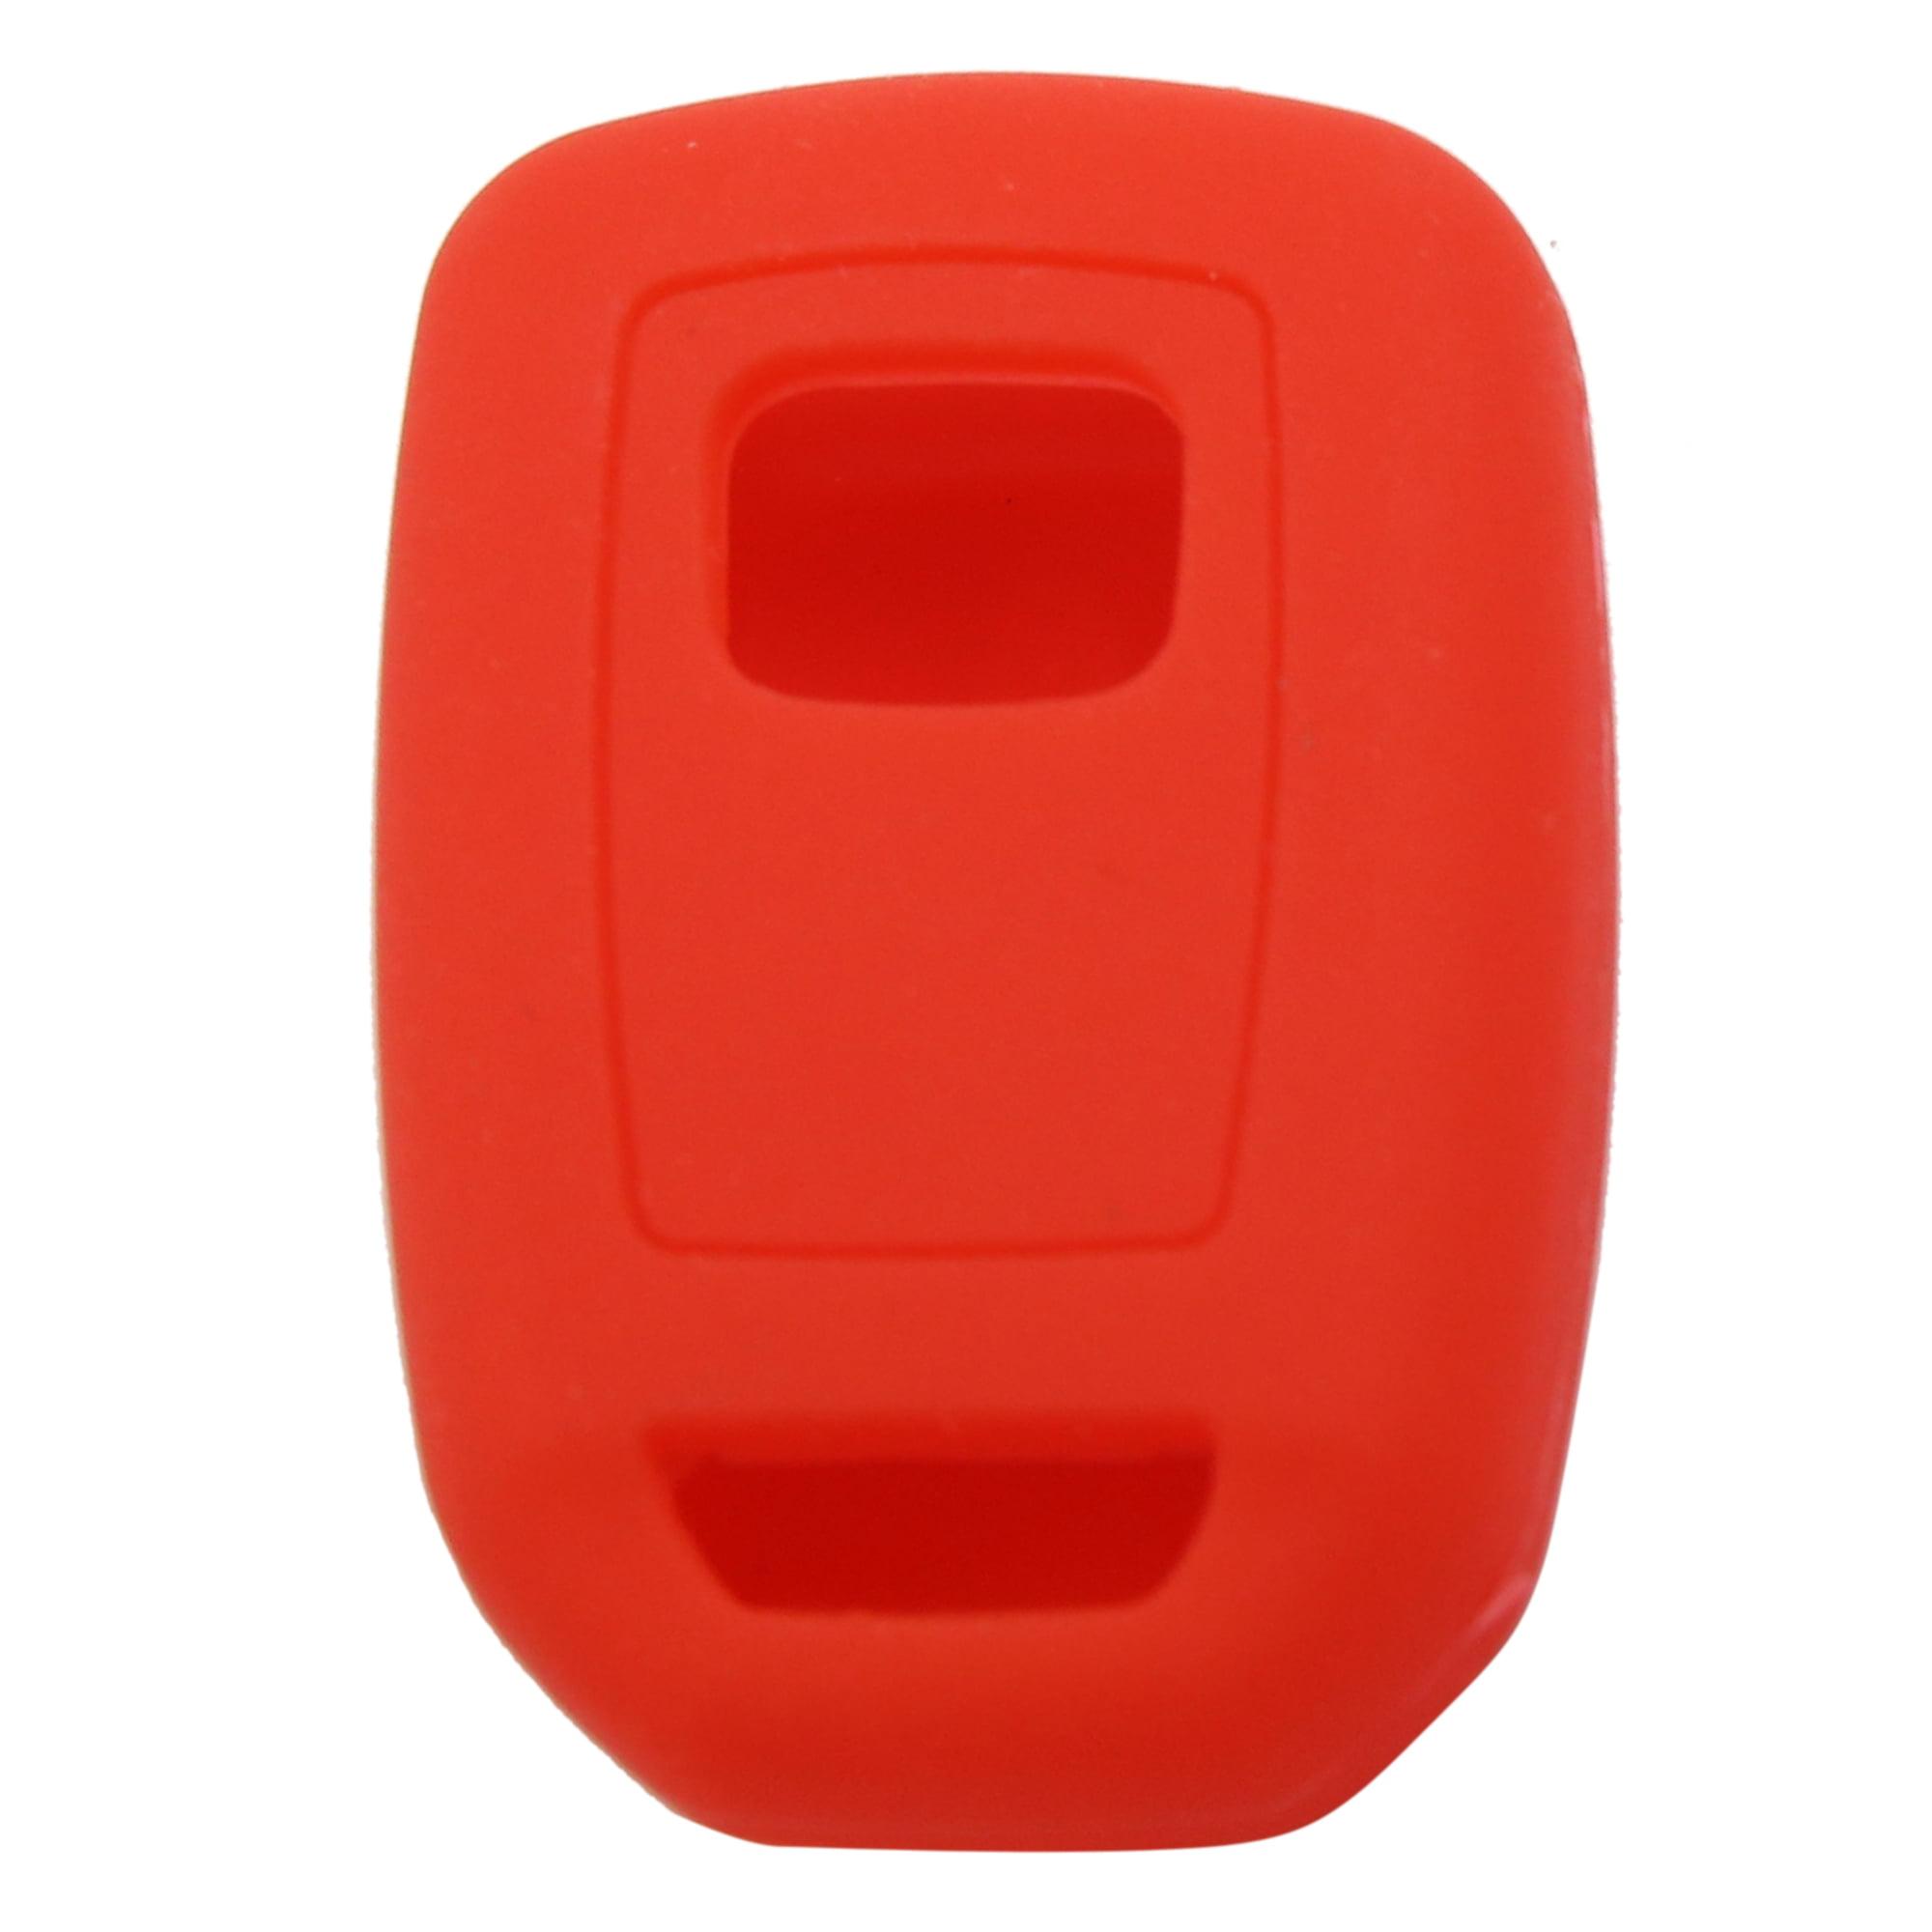 Voiture silicone rouge Télécommande Housse pour Honda Crider Spirior Jade civique - image 1 de 3